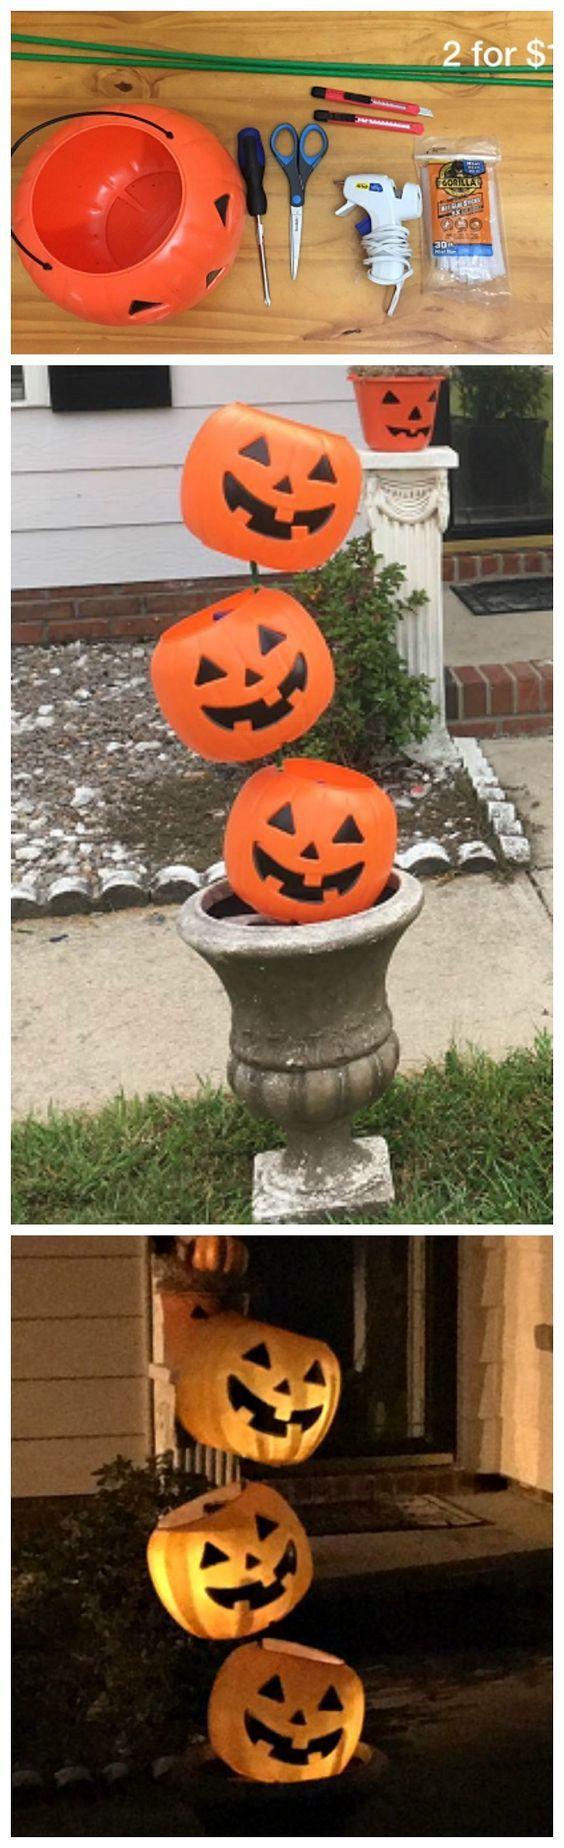 DIY Tipsy plastic pumpkin decor